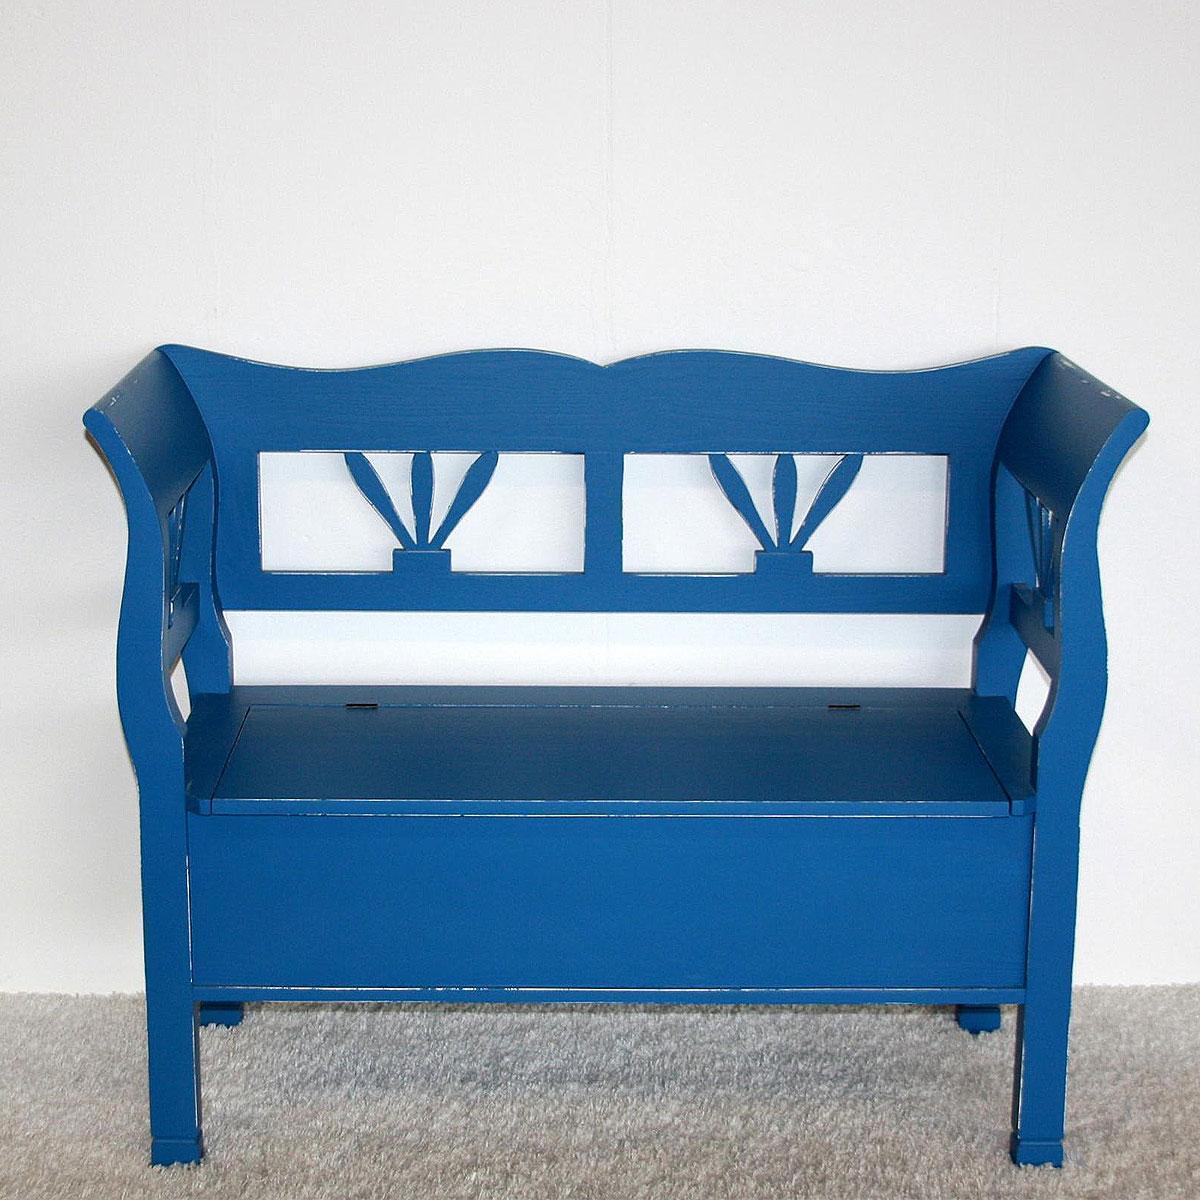 massivholz truhenbank mit lehne k chenbank sitzbank. Black Bedroom Furniture Sets. Home Design Ideas